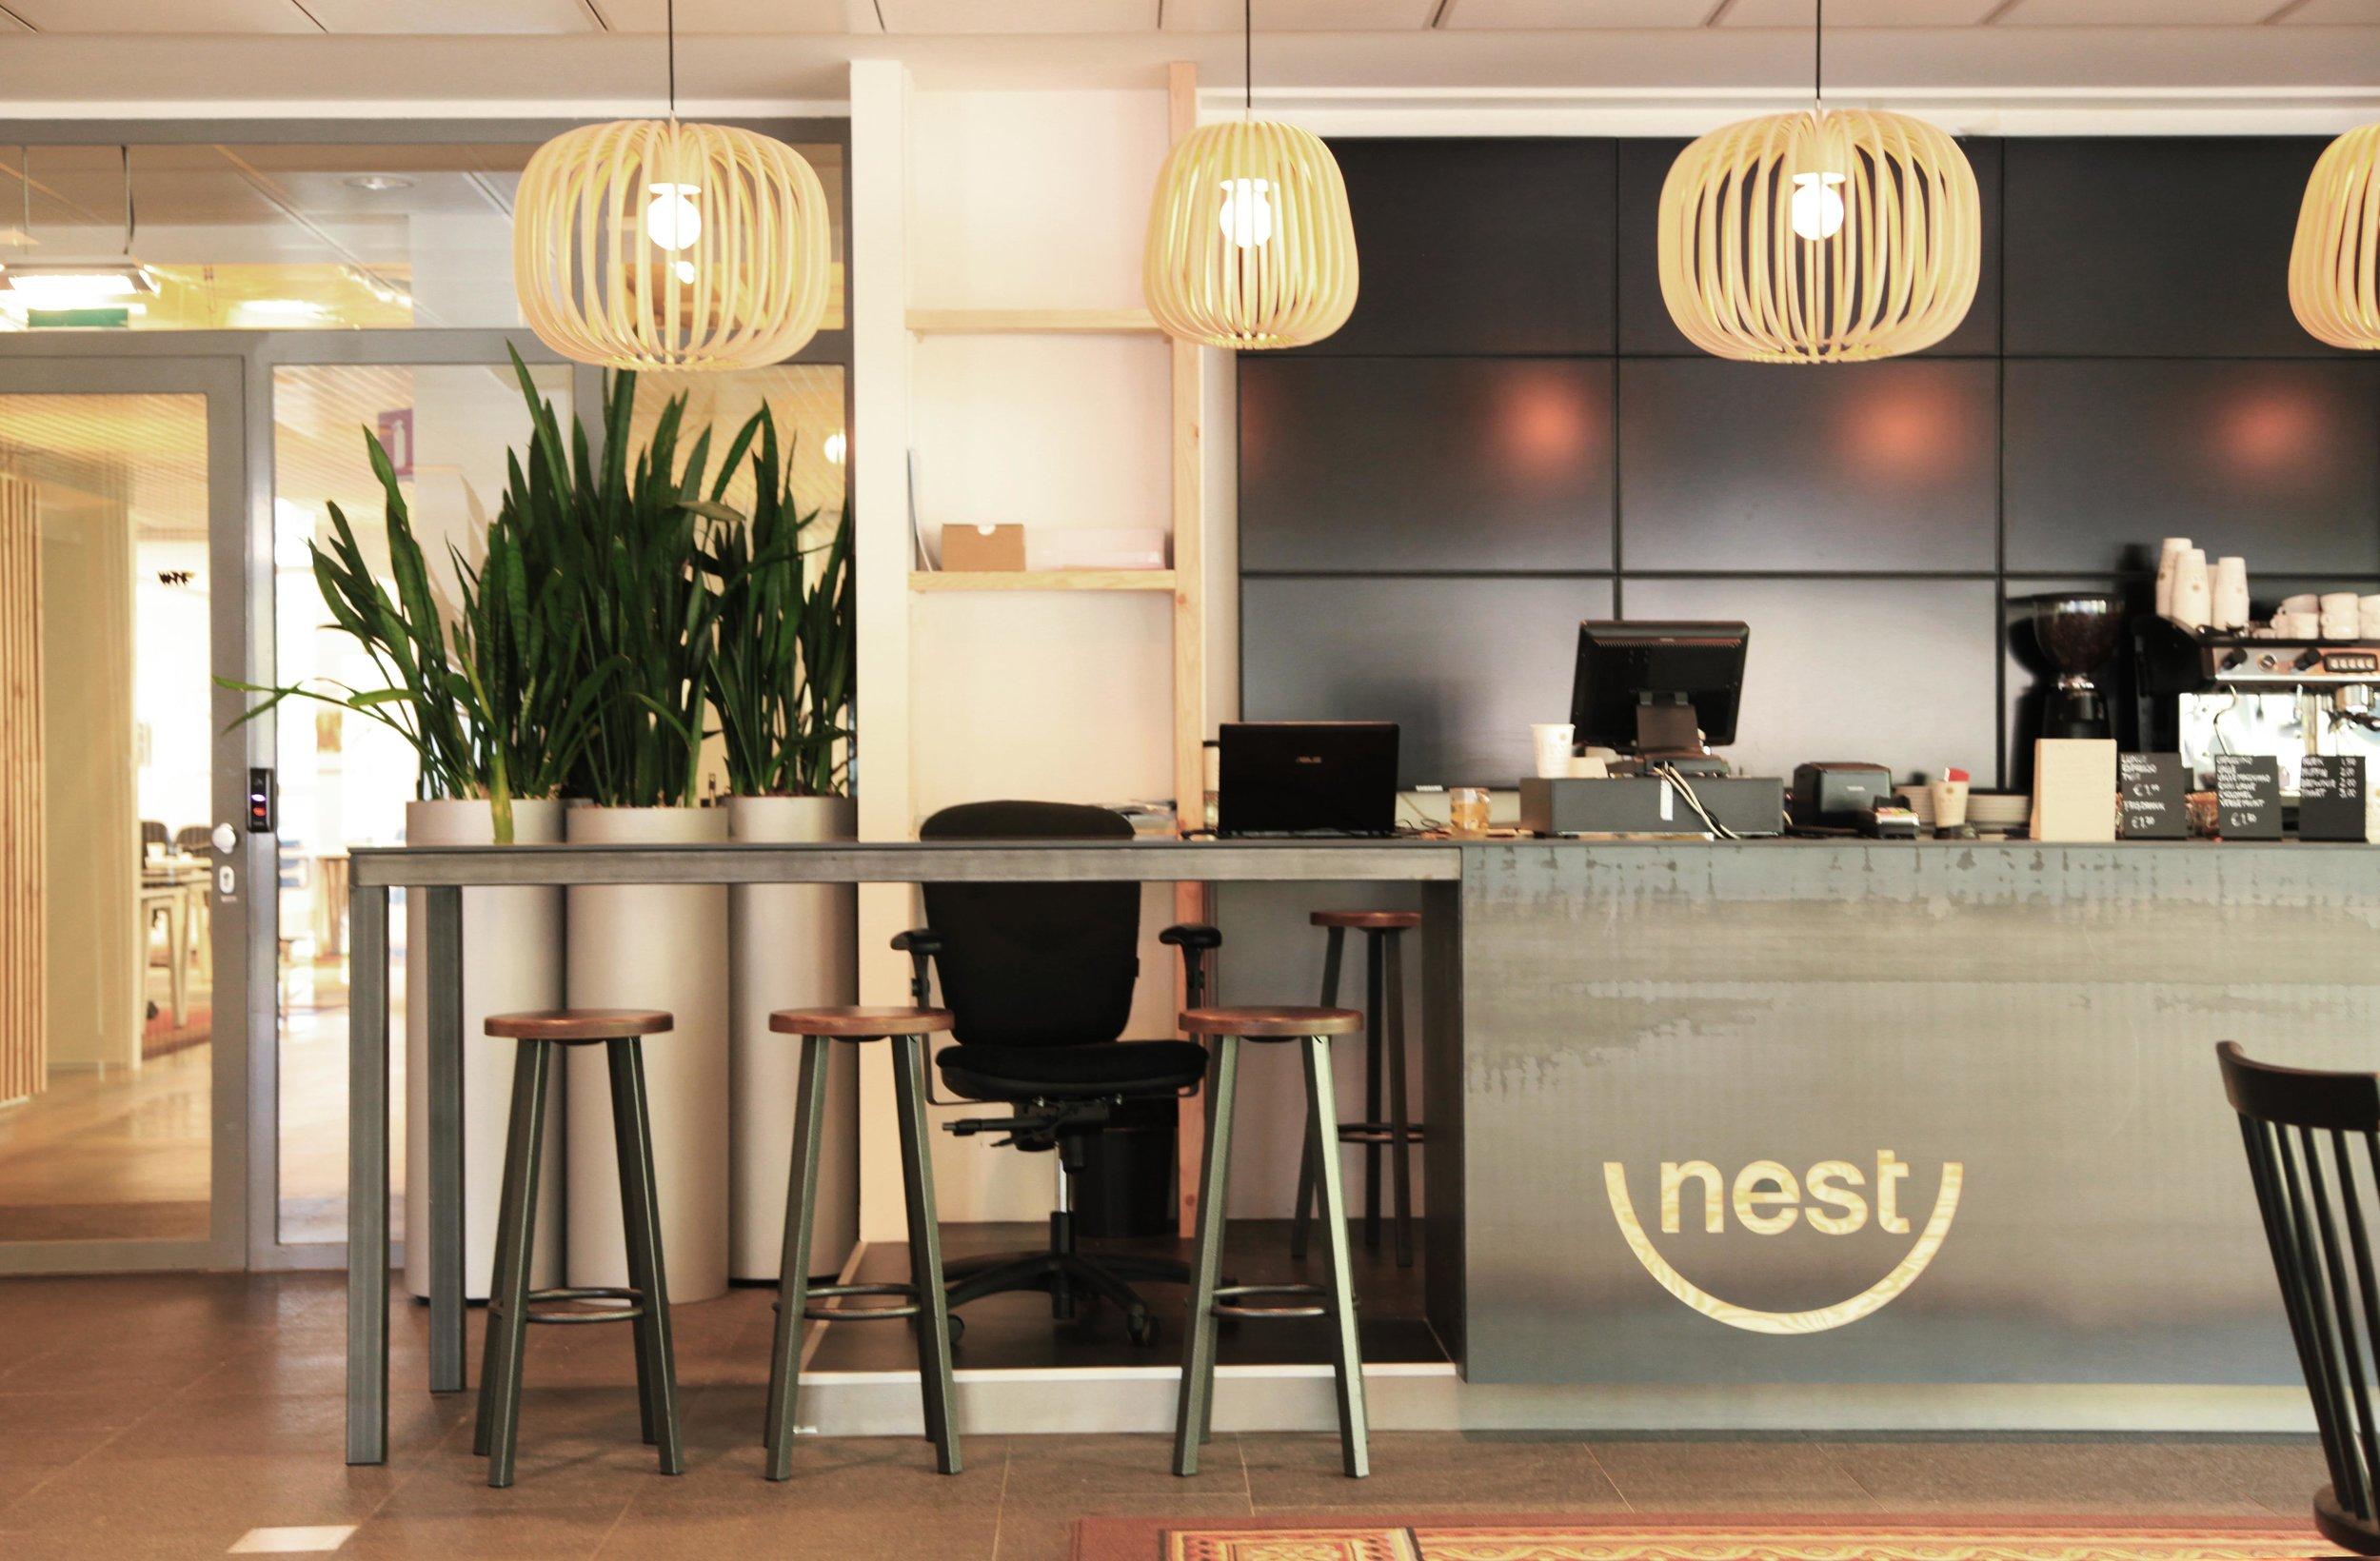 1212-NestWest-02.jpg